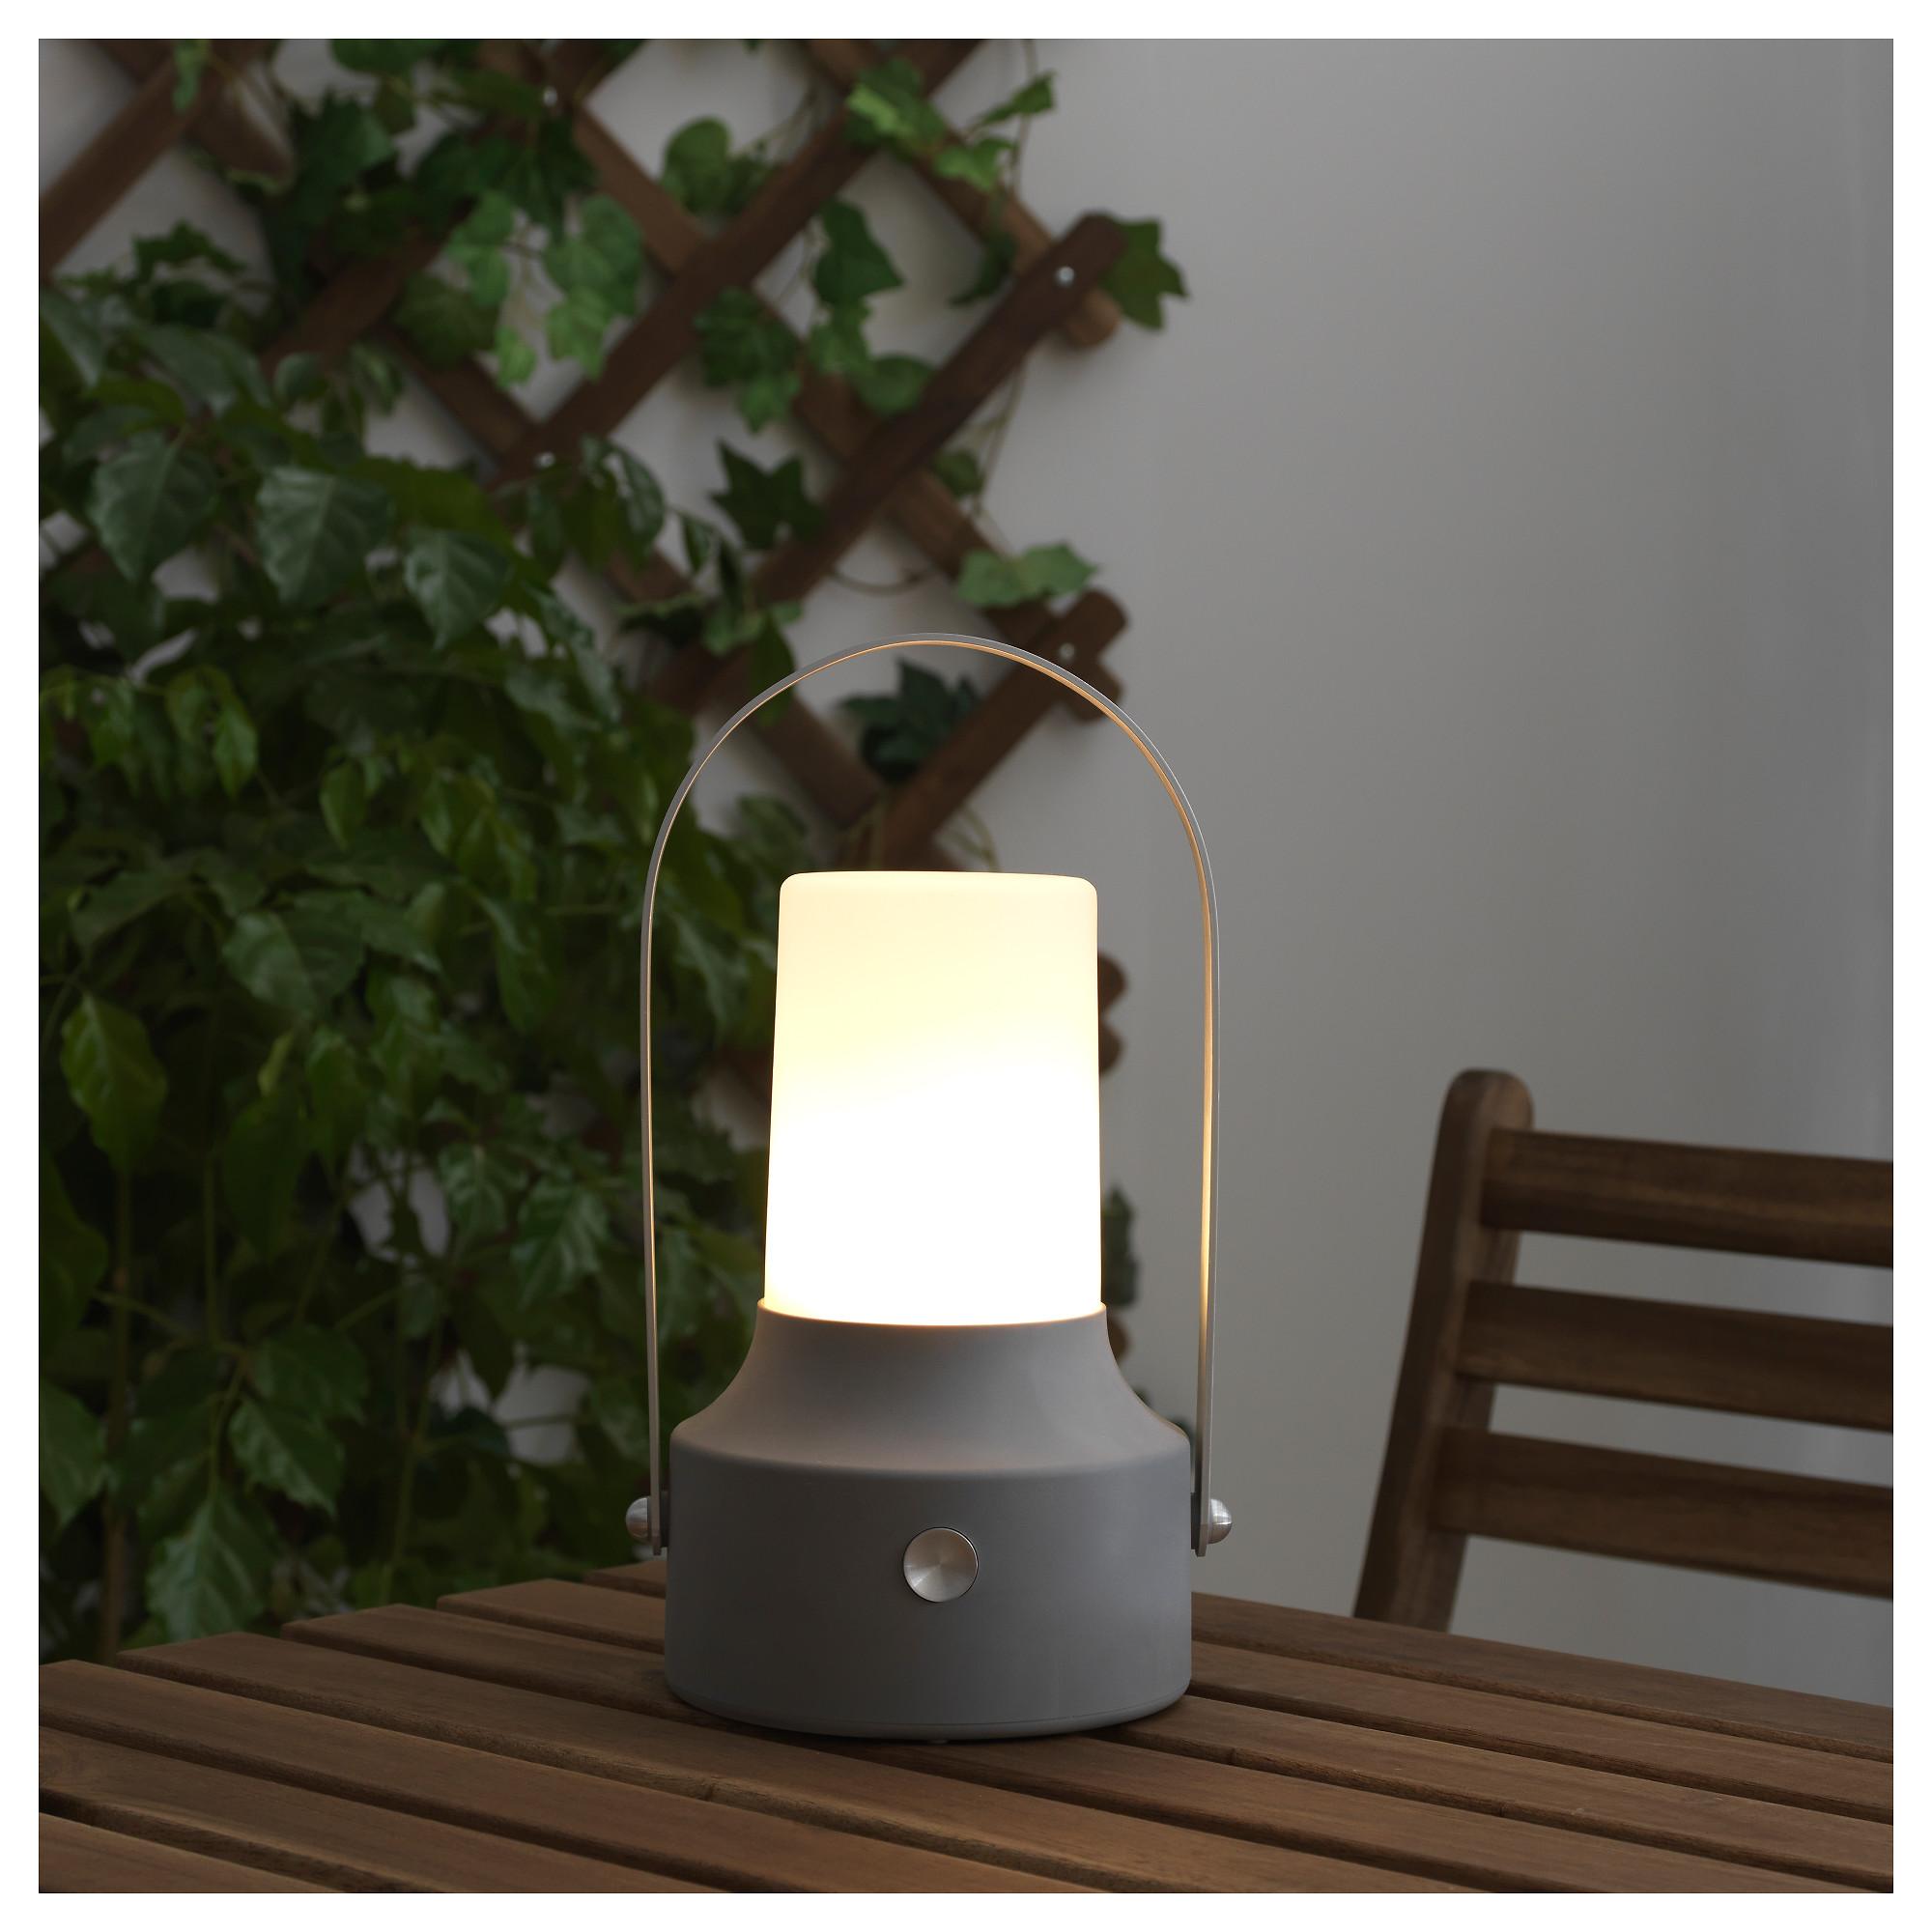 Светодиодный фонарь/солнечн батарея СОЛВИДЕН серый артикуль № 203.832.05 в наличии. Онлайн сайт IKEA Минск. Быстрая доставка и установка.